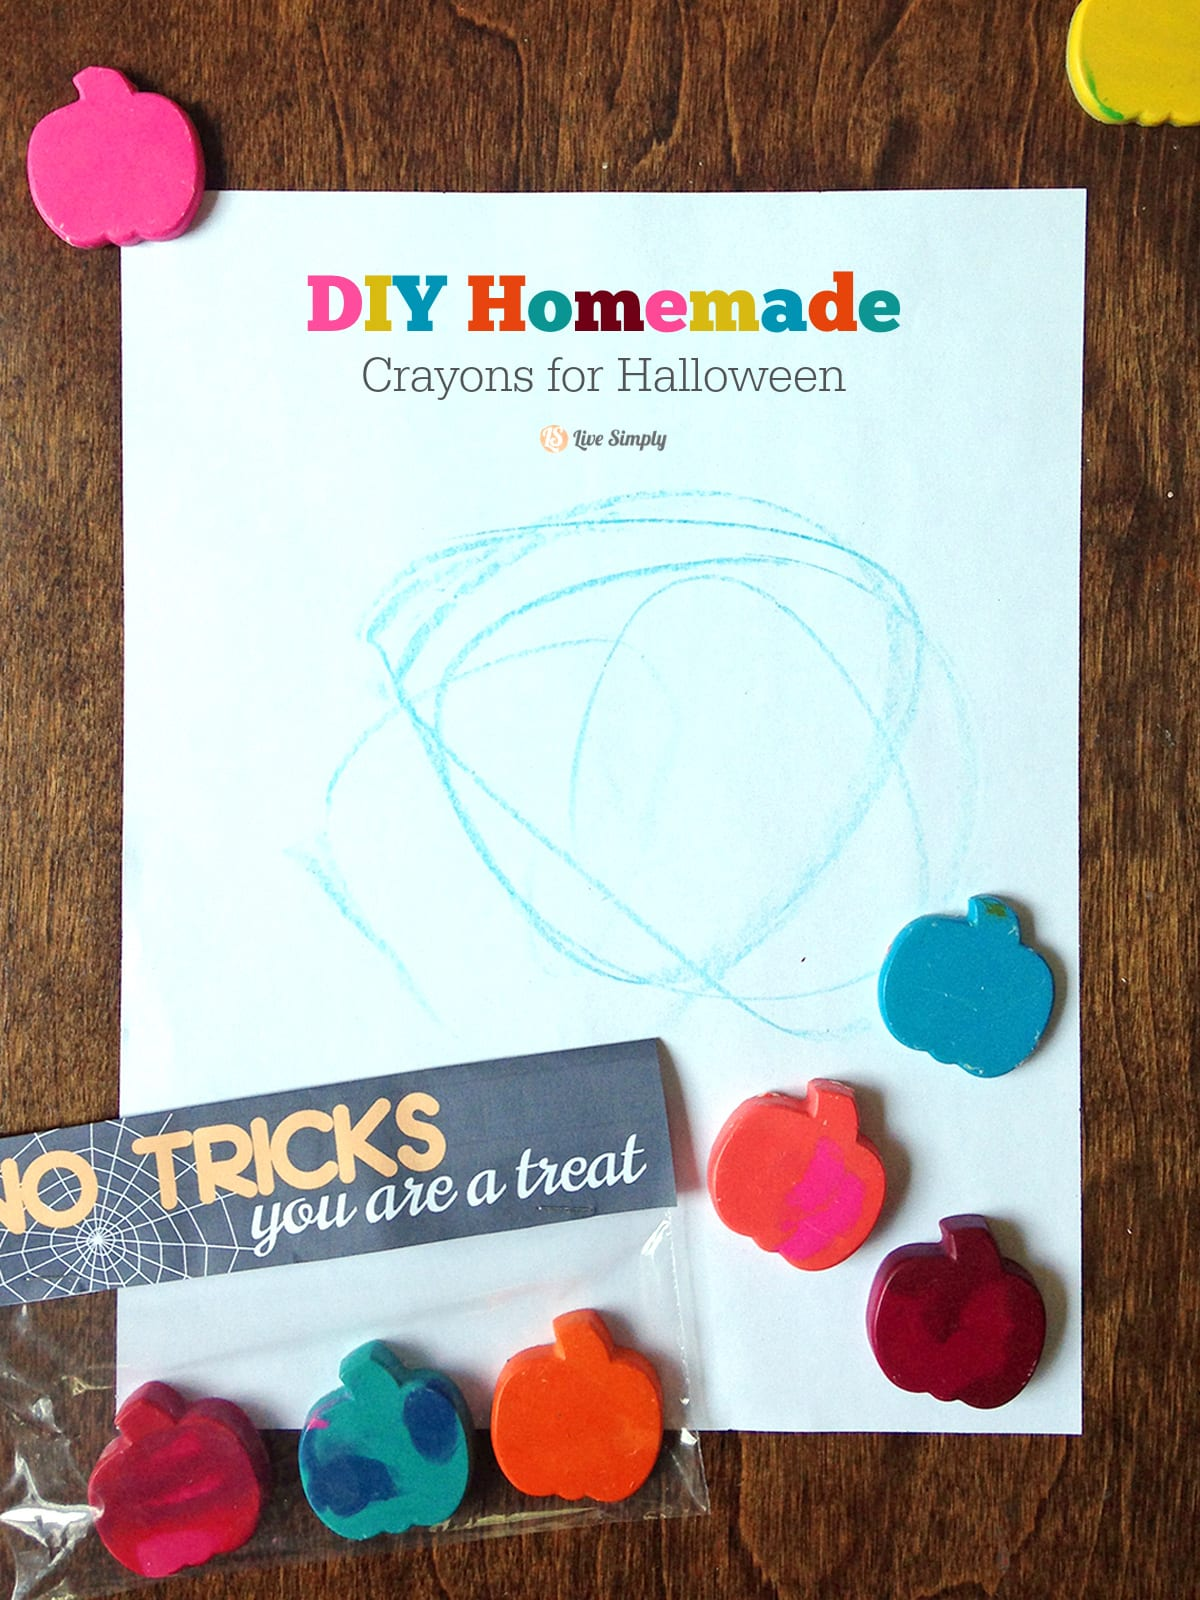 Diy Homemade Crayons For Halloween Printable Live Simply